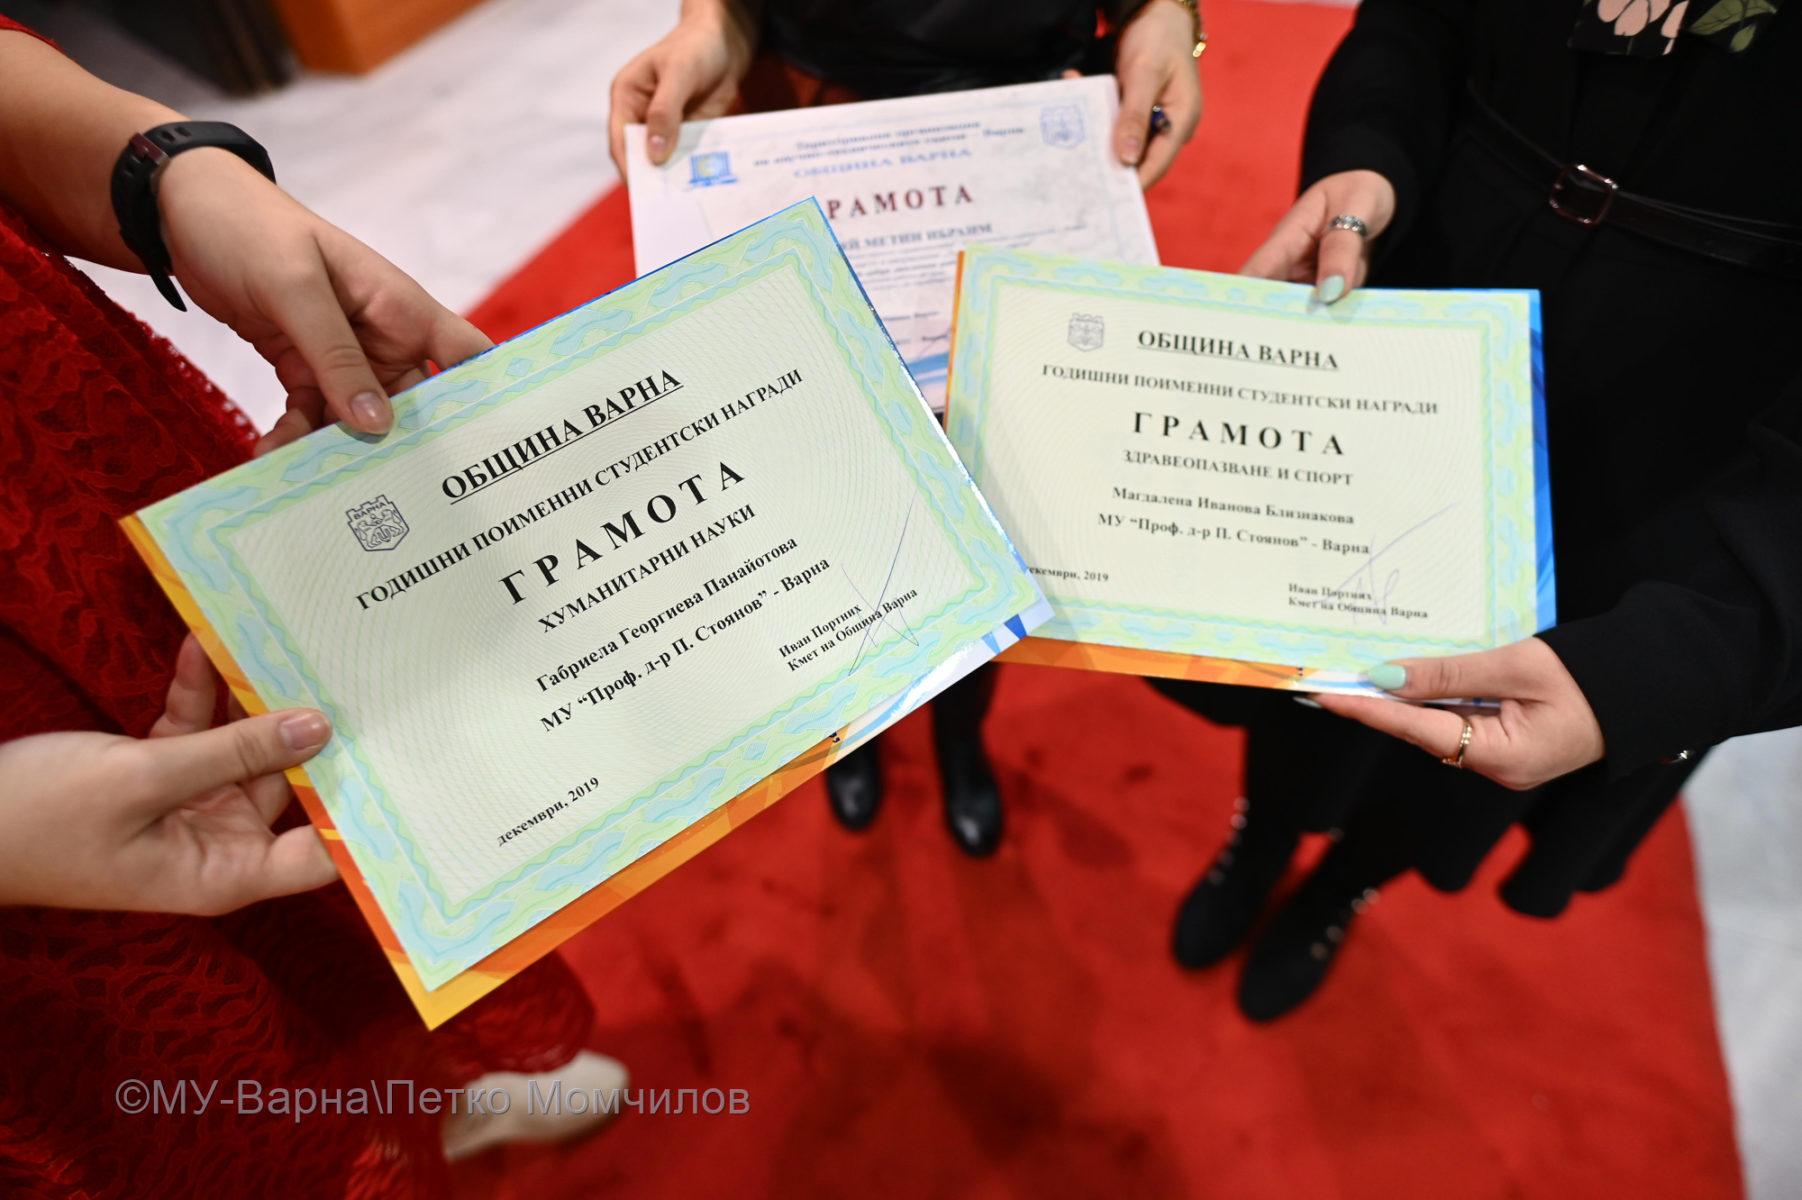 Студенти от МУ-Варна с призови отличия от Община Варна